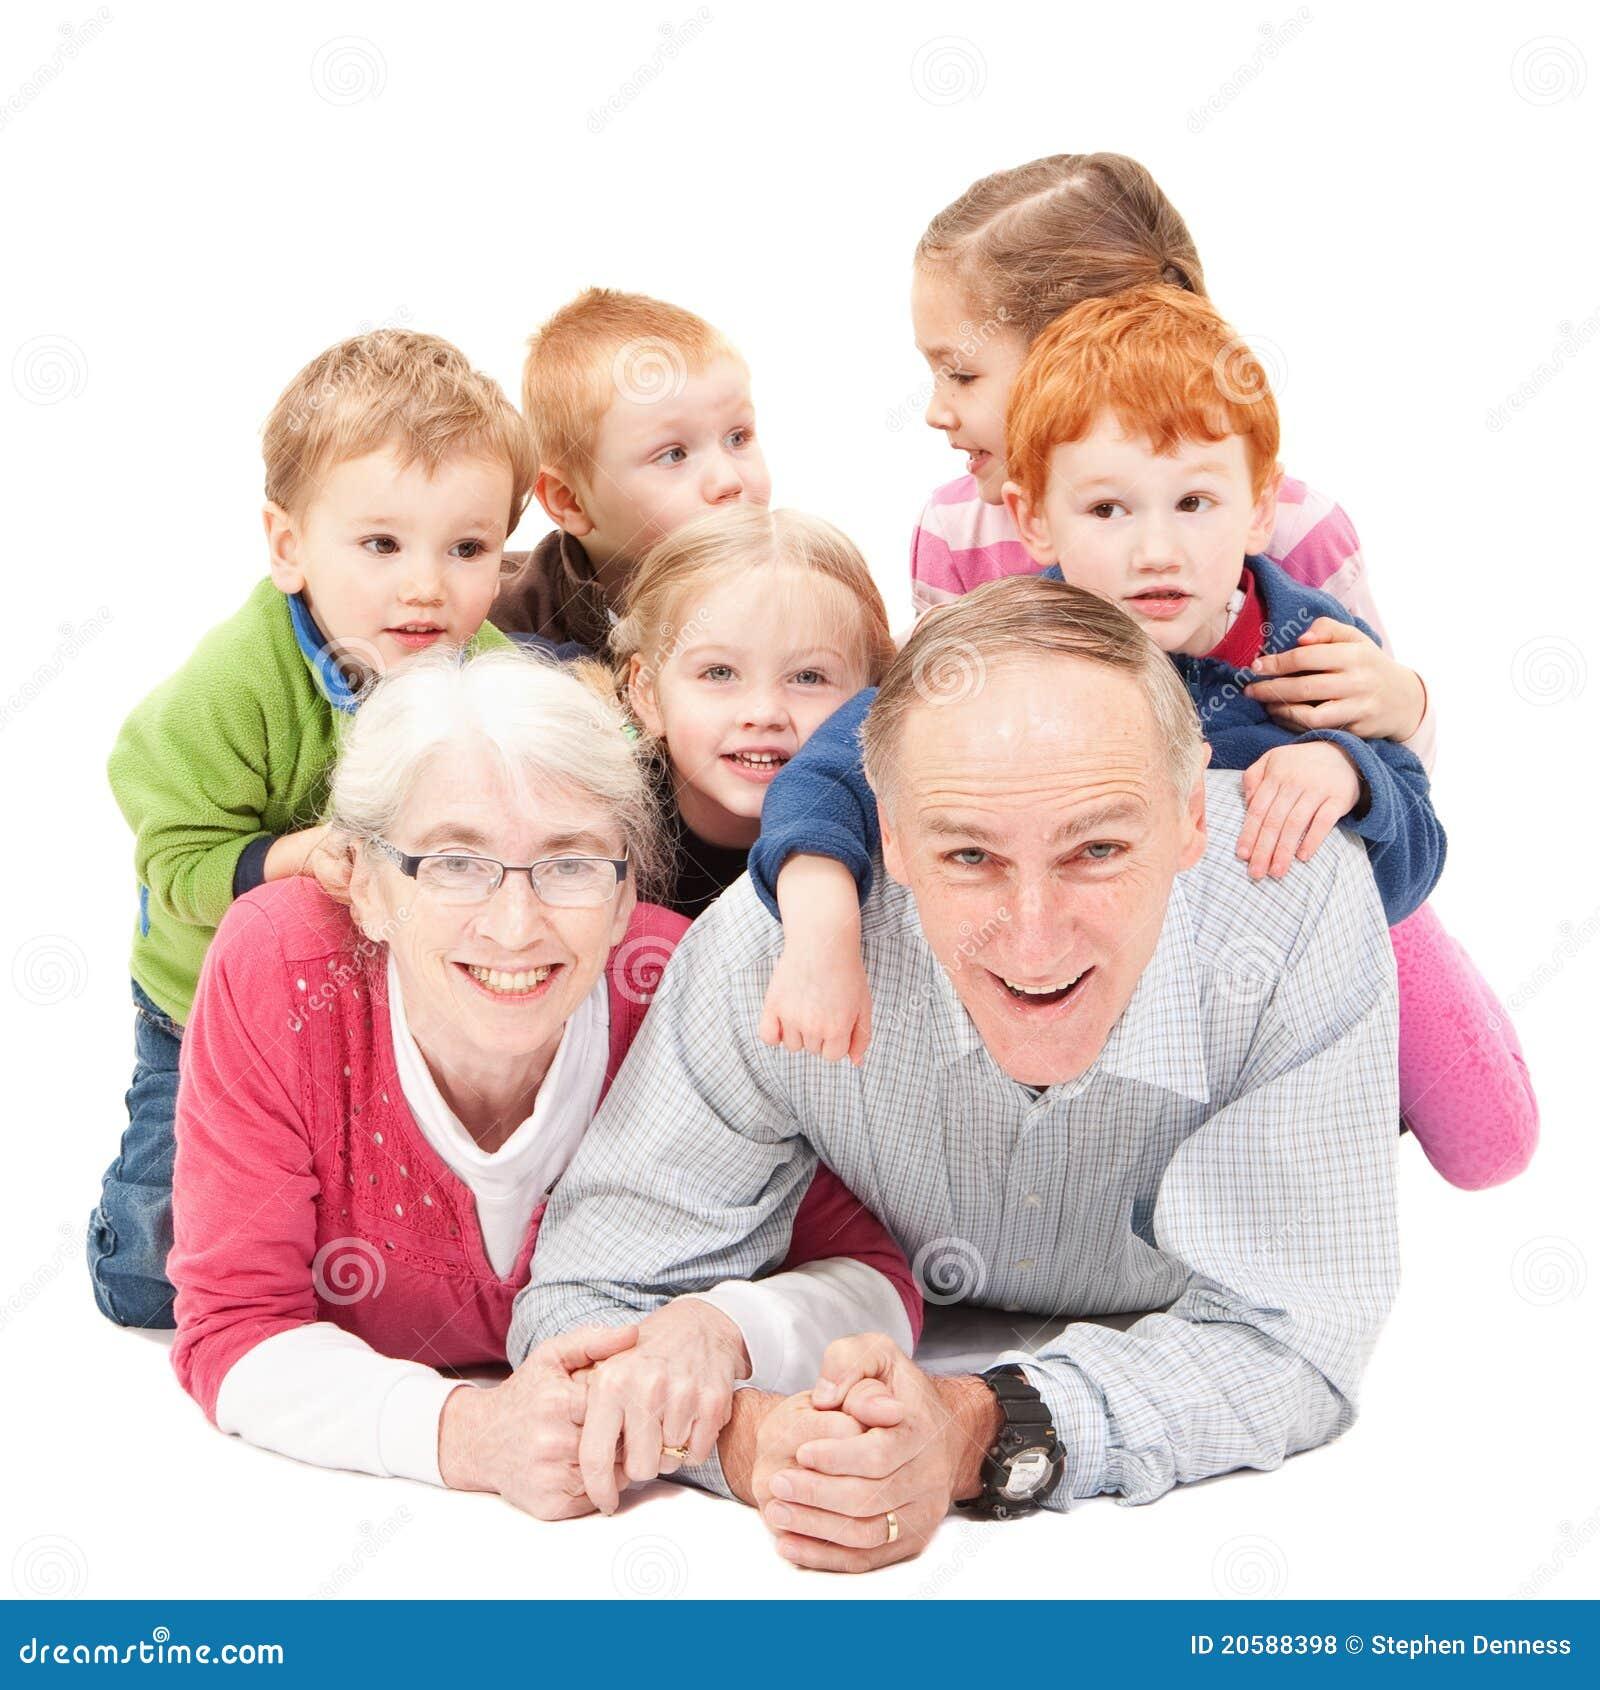 Los abuelos que se convierten en padres de sus nietos - Etapa Infantil